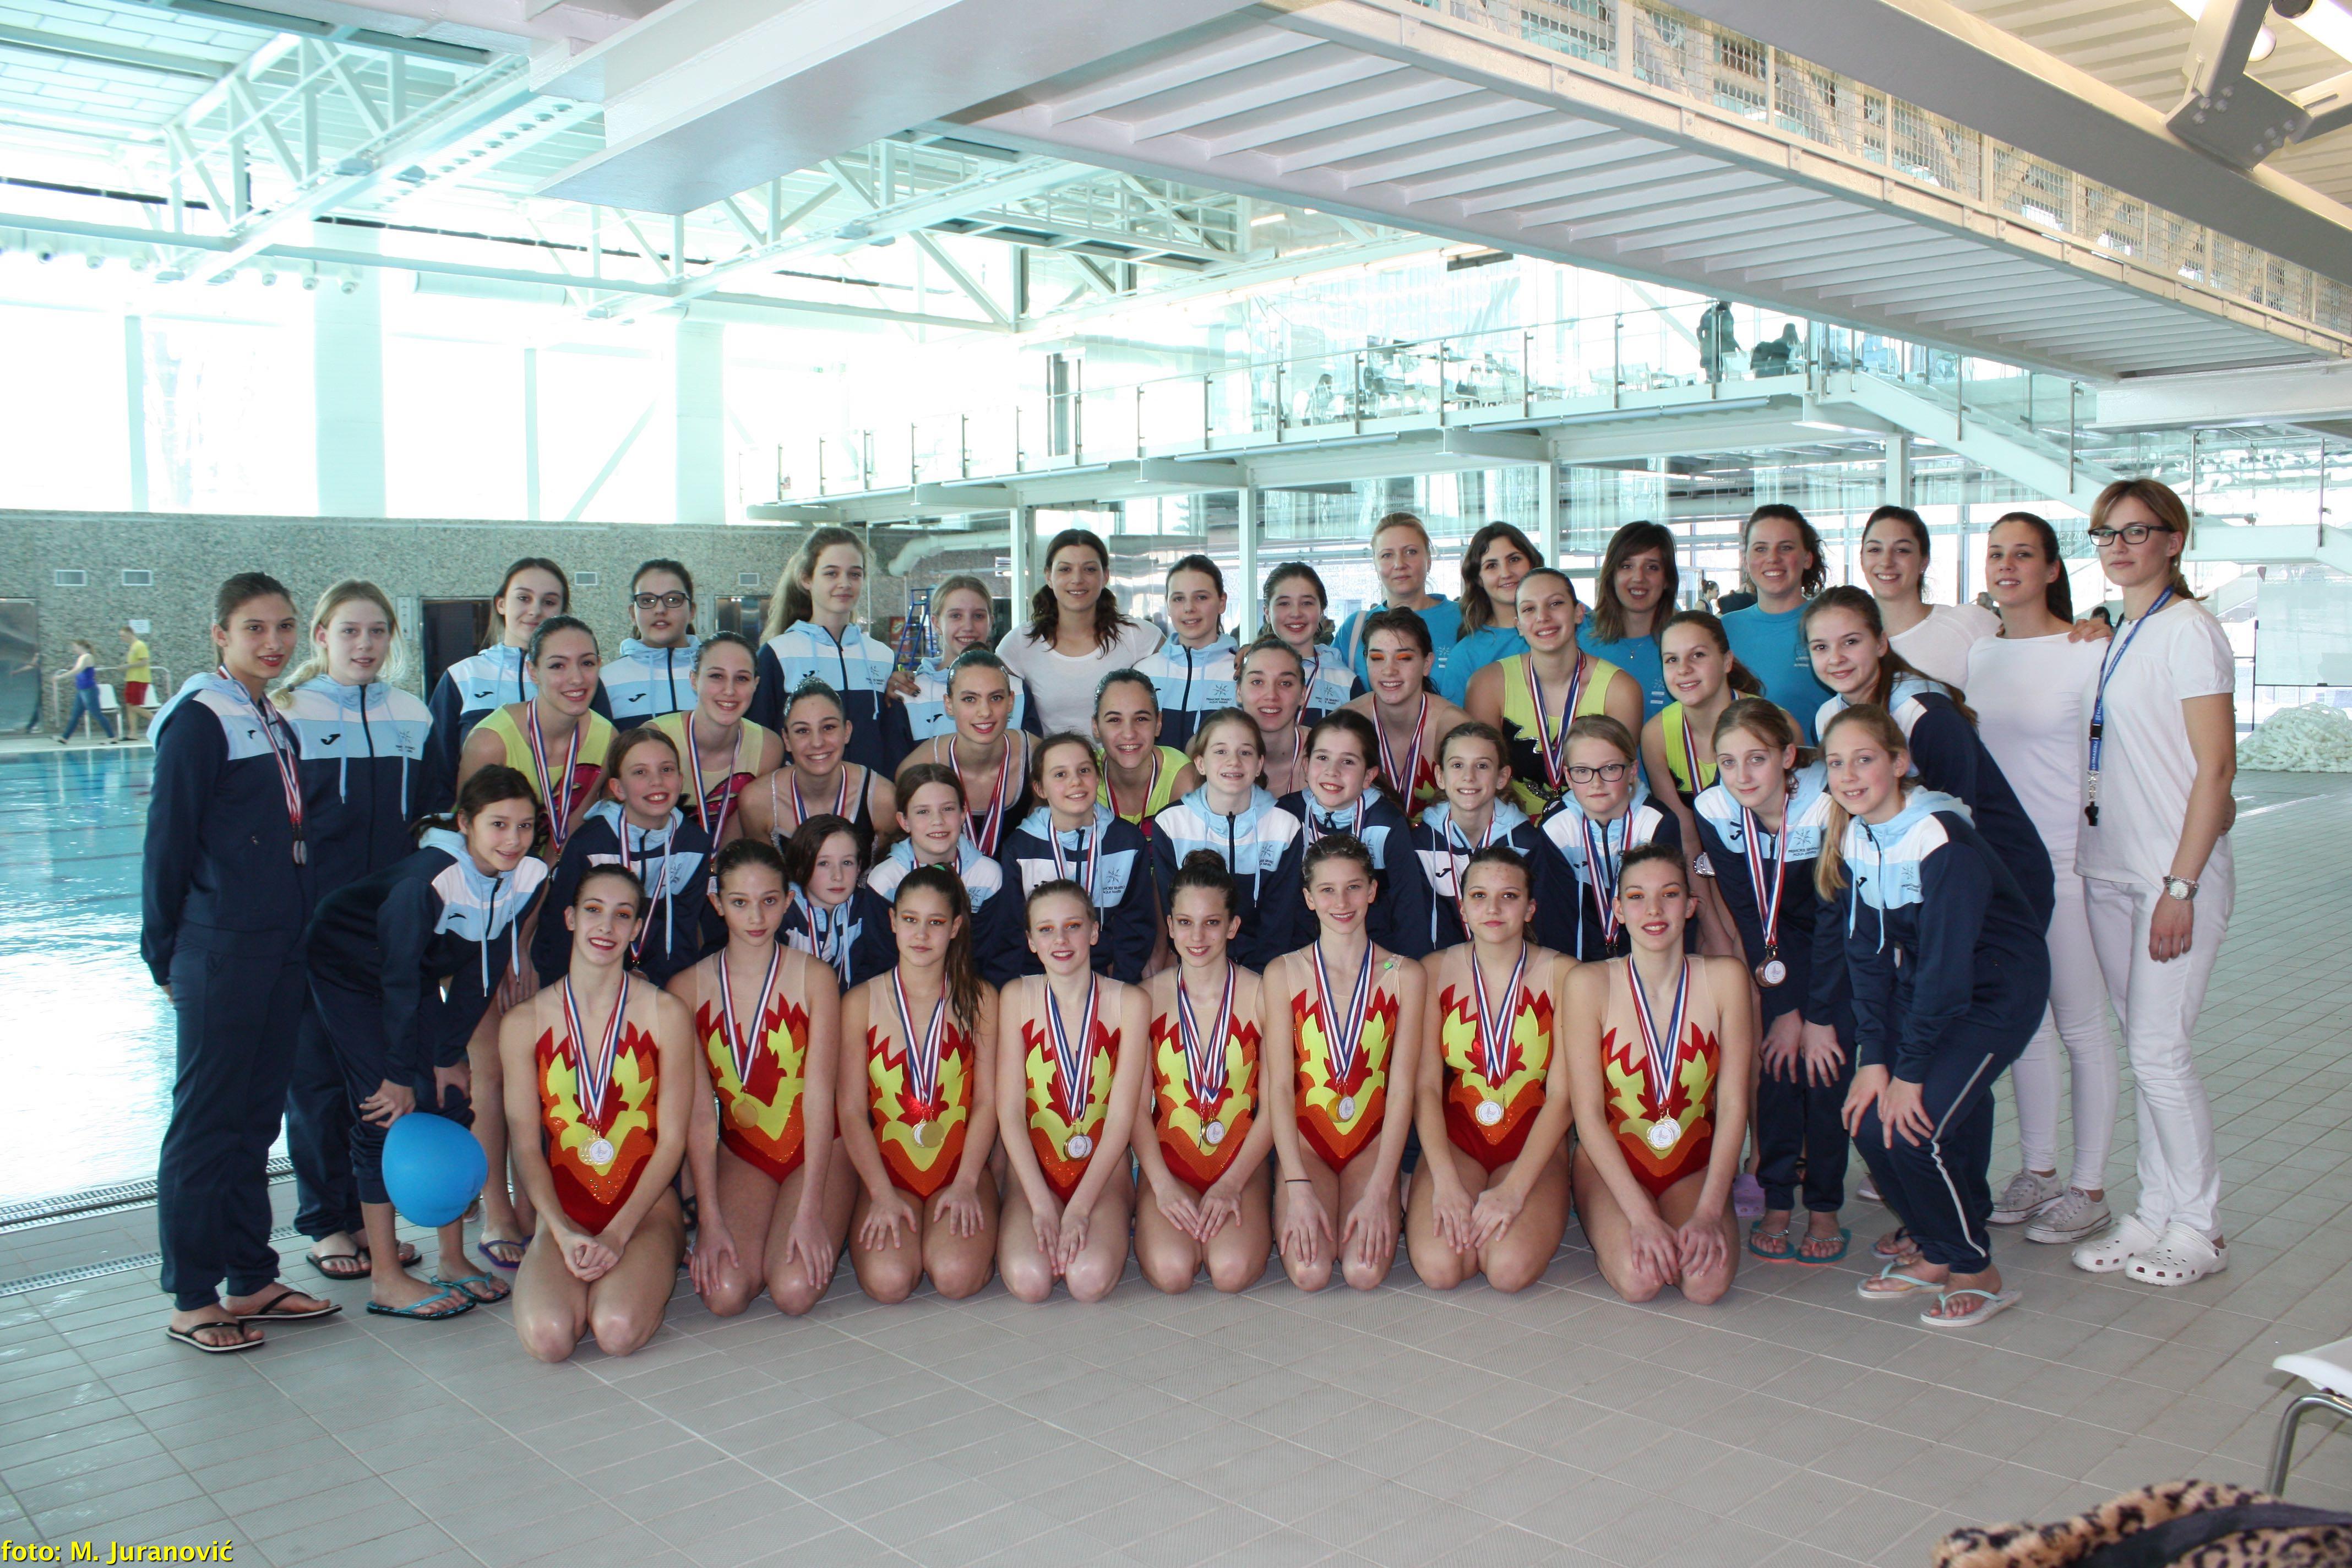 Kup Hrvatske ponovo Klubu sinkroniziranog plivanja Primorje AM